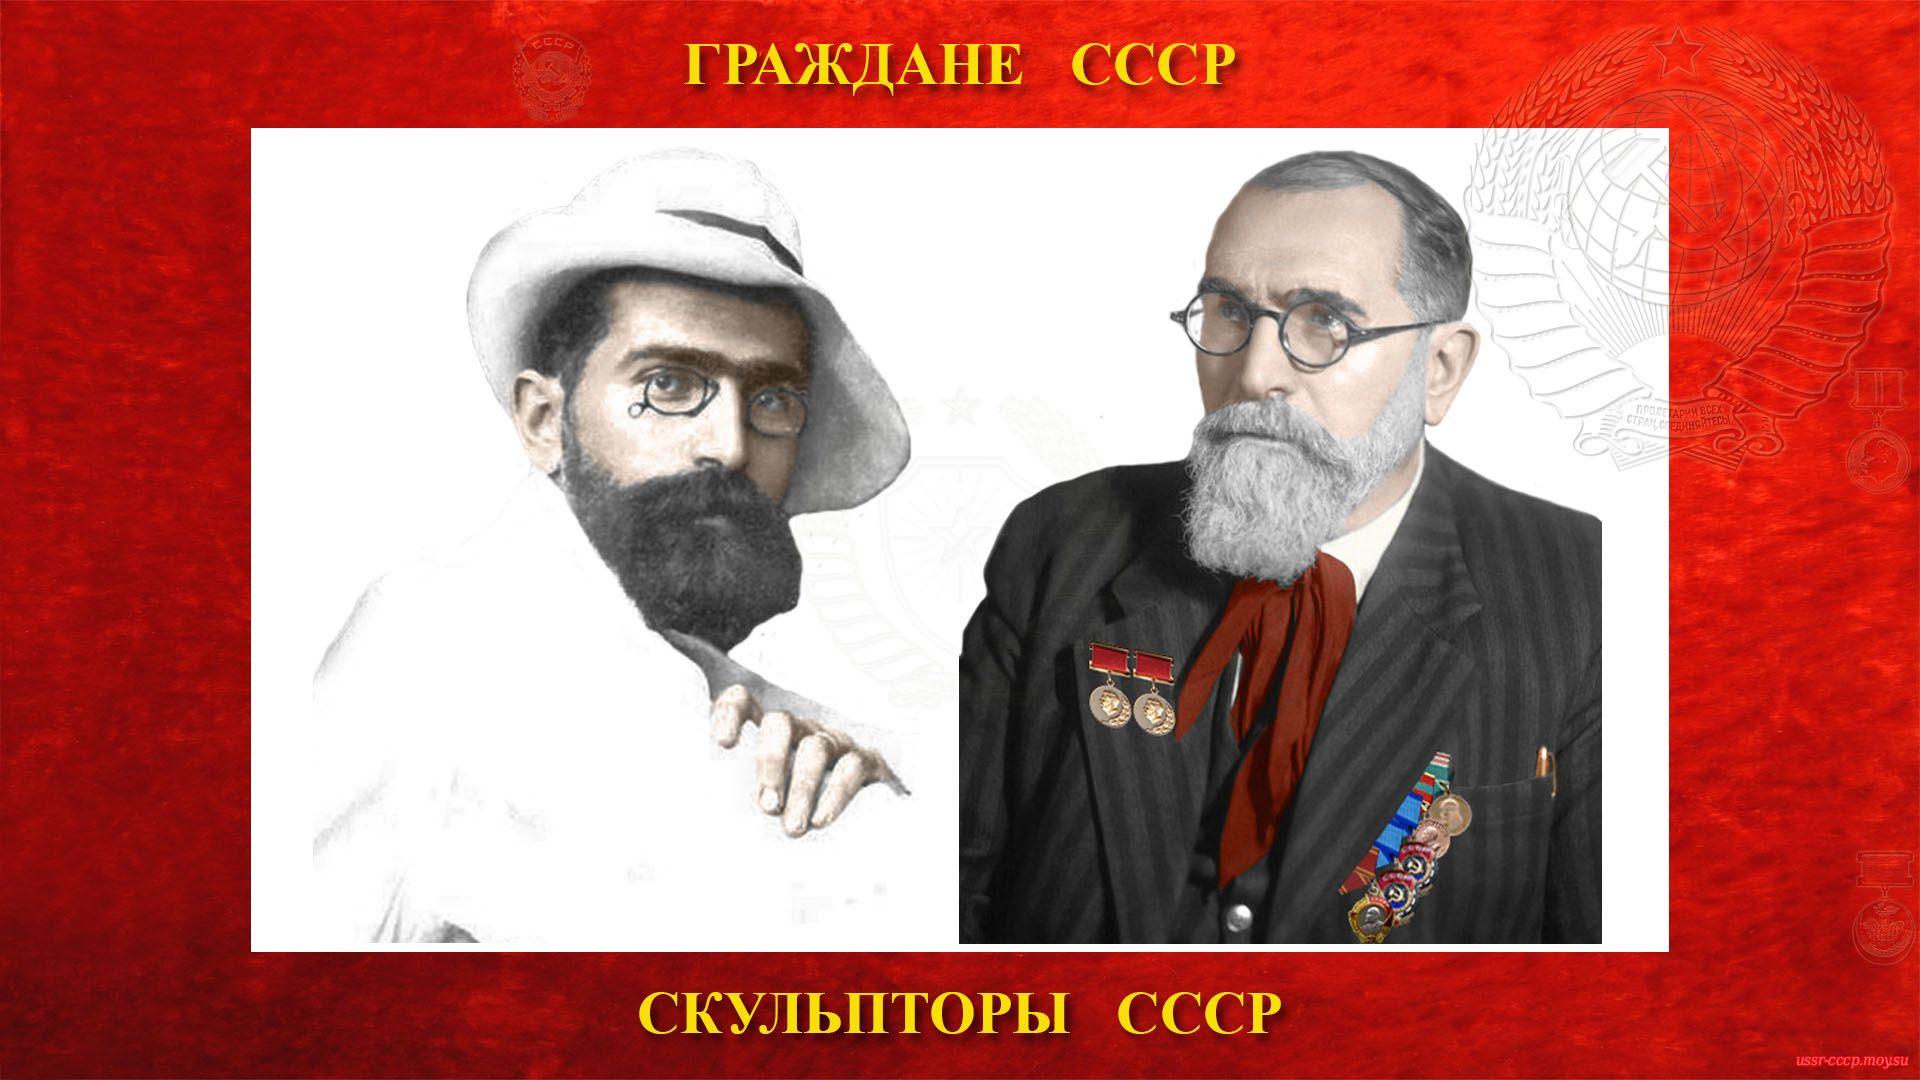 Меркуров Сергей Дмитриевич — Советский скульптор-монументалист — Академик АХ СССР